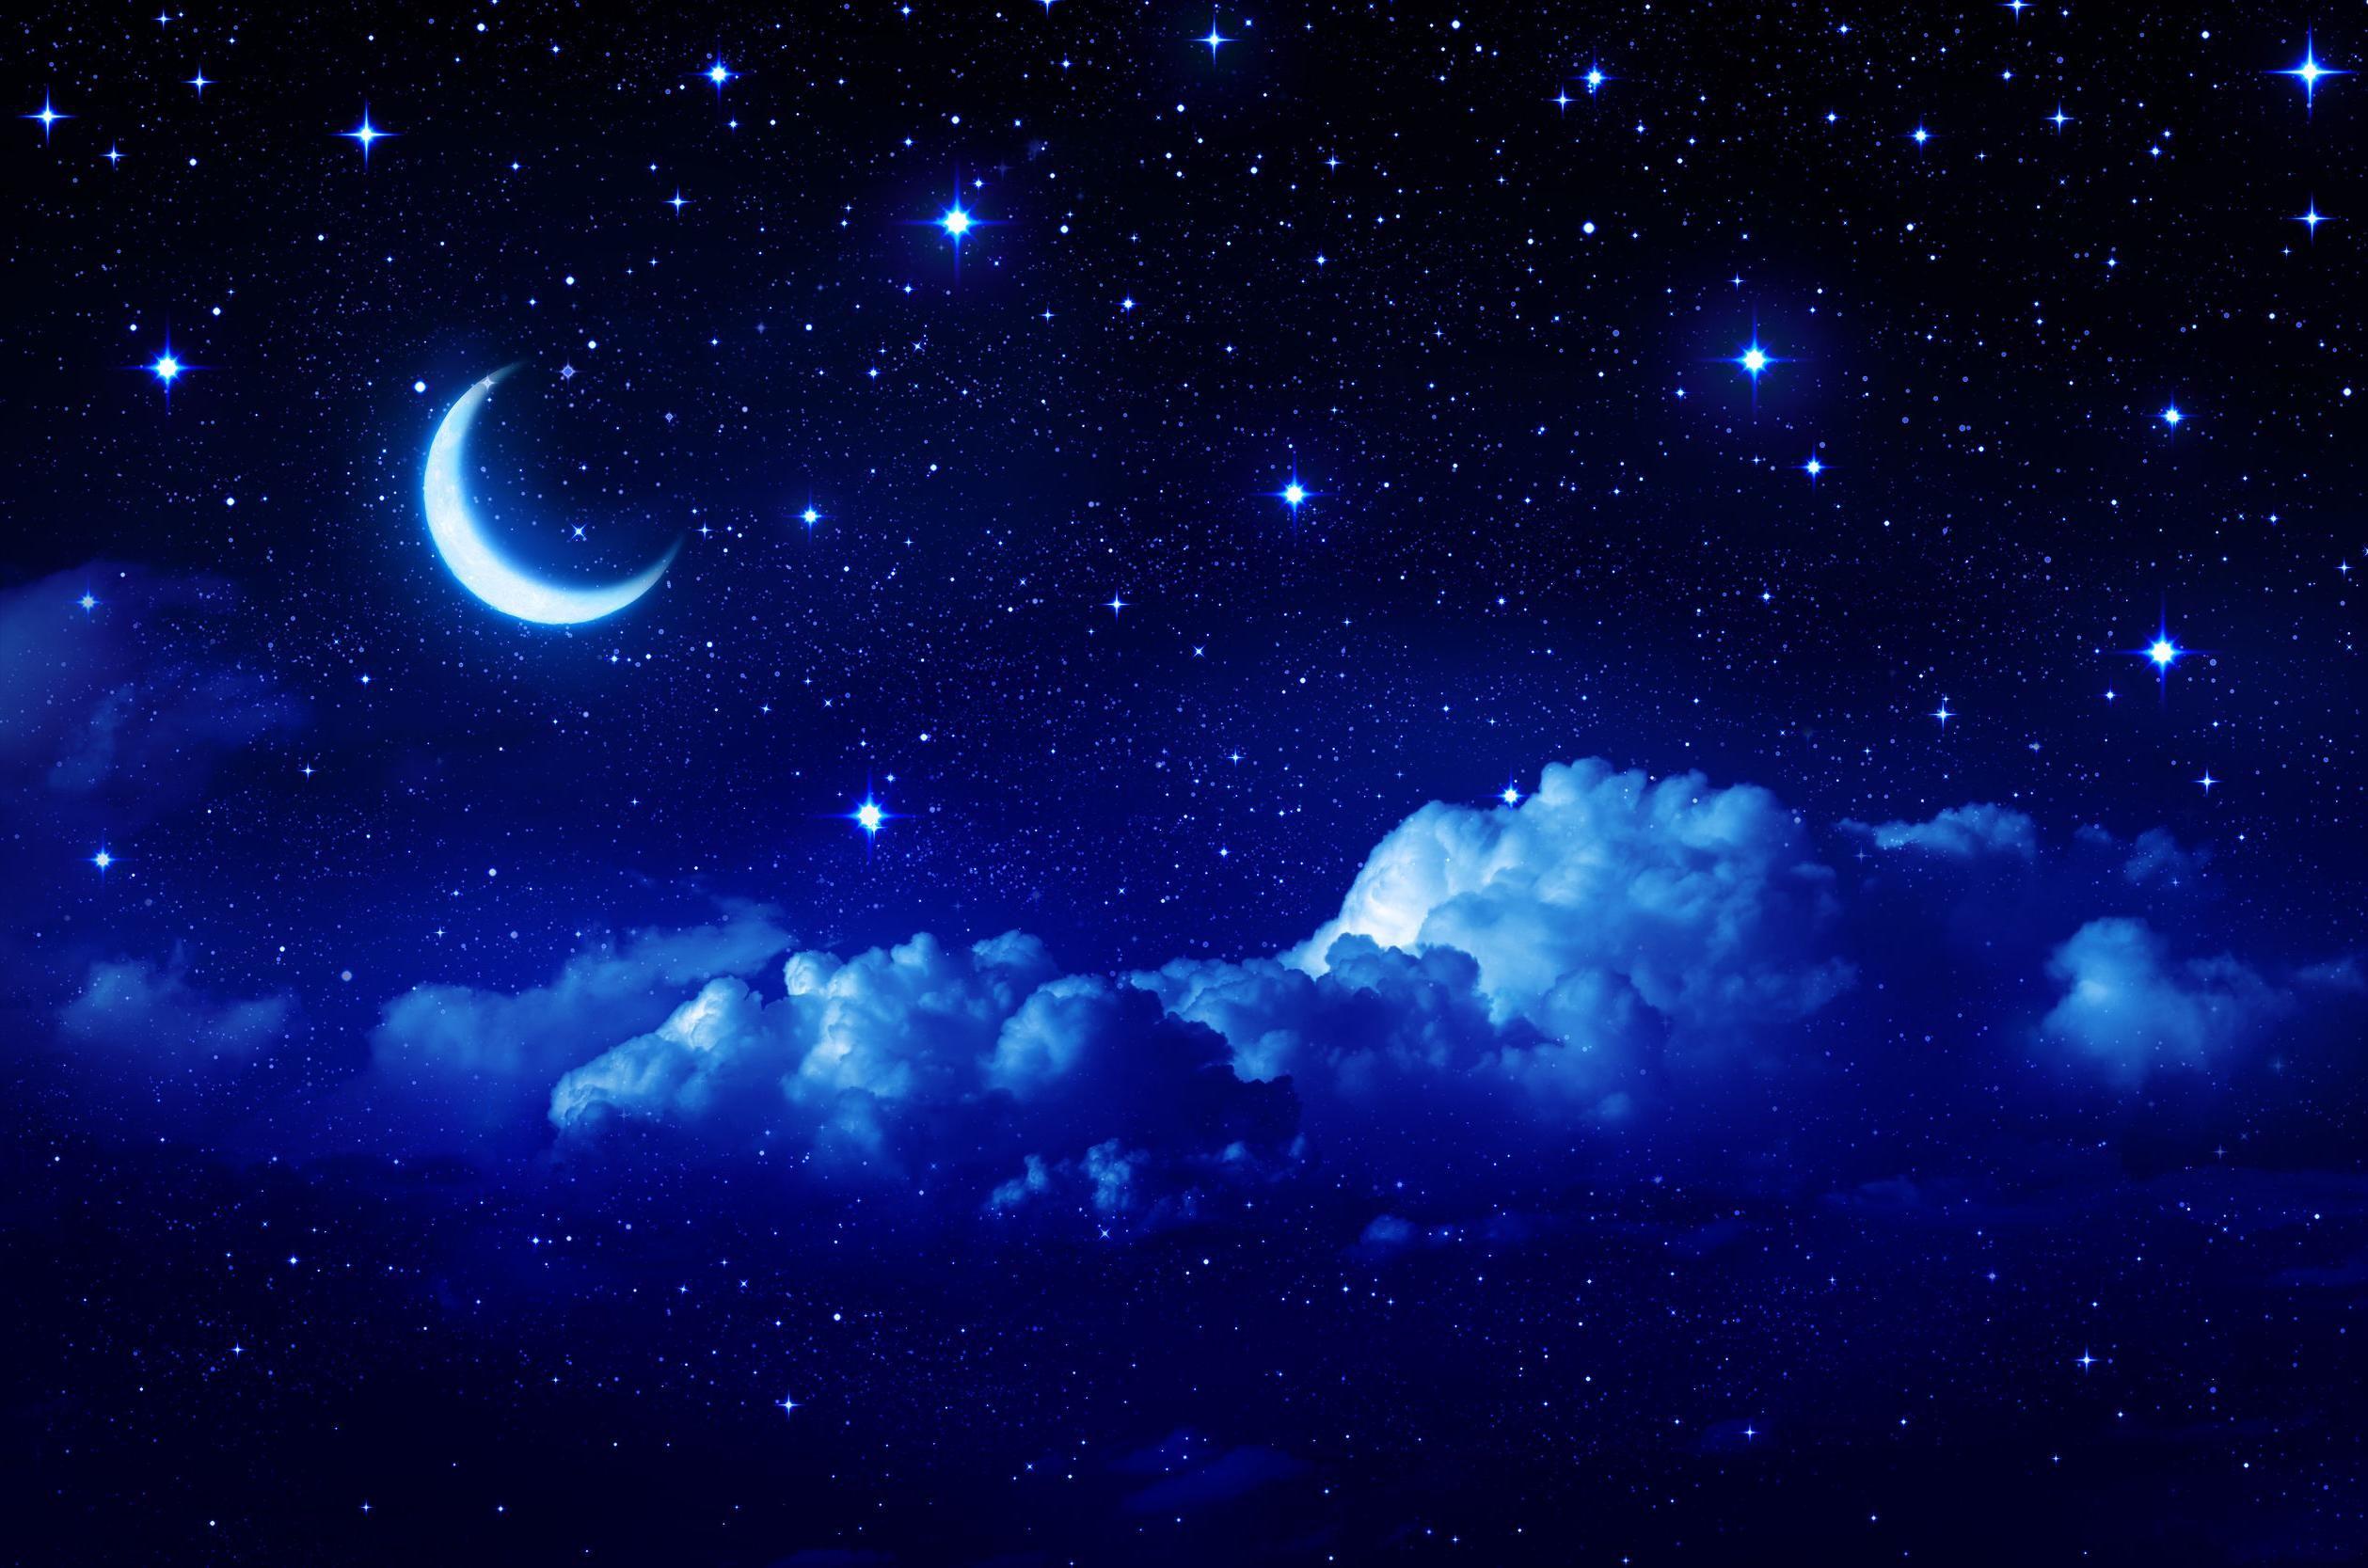 NightClan (Midnightstar)